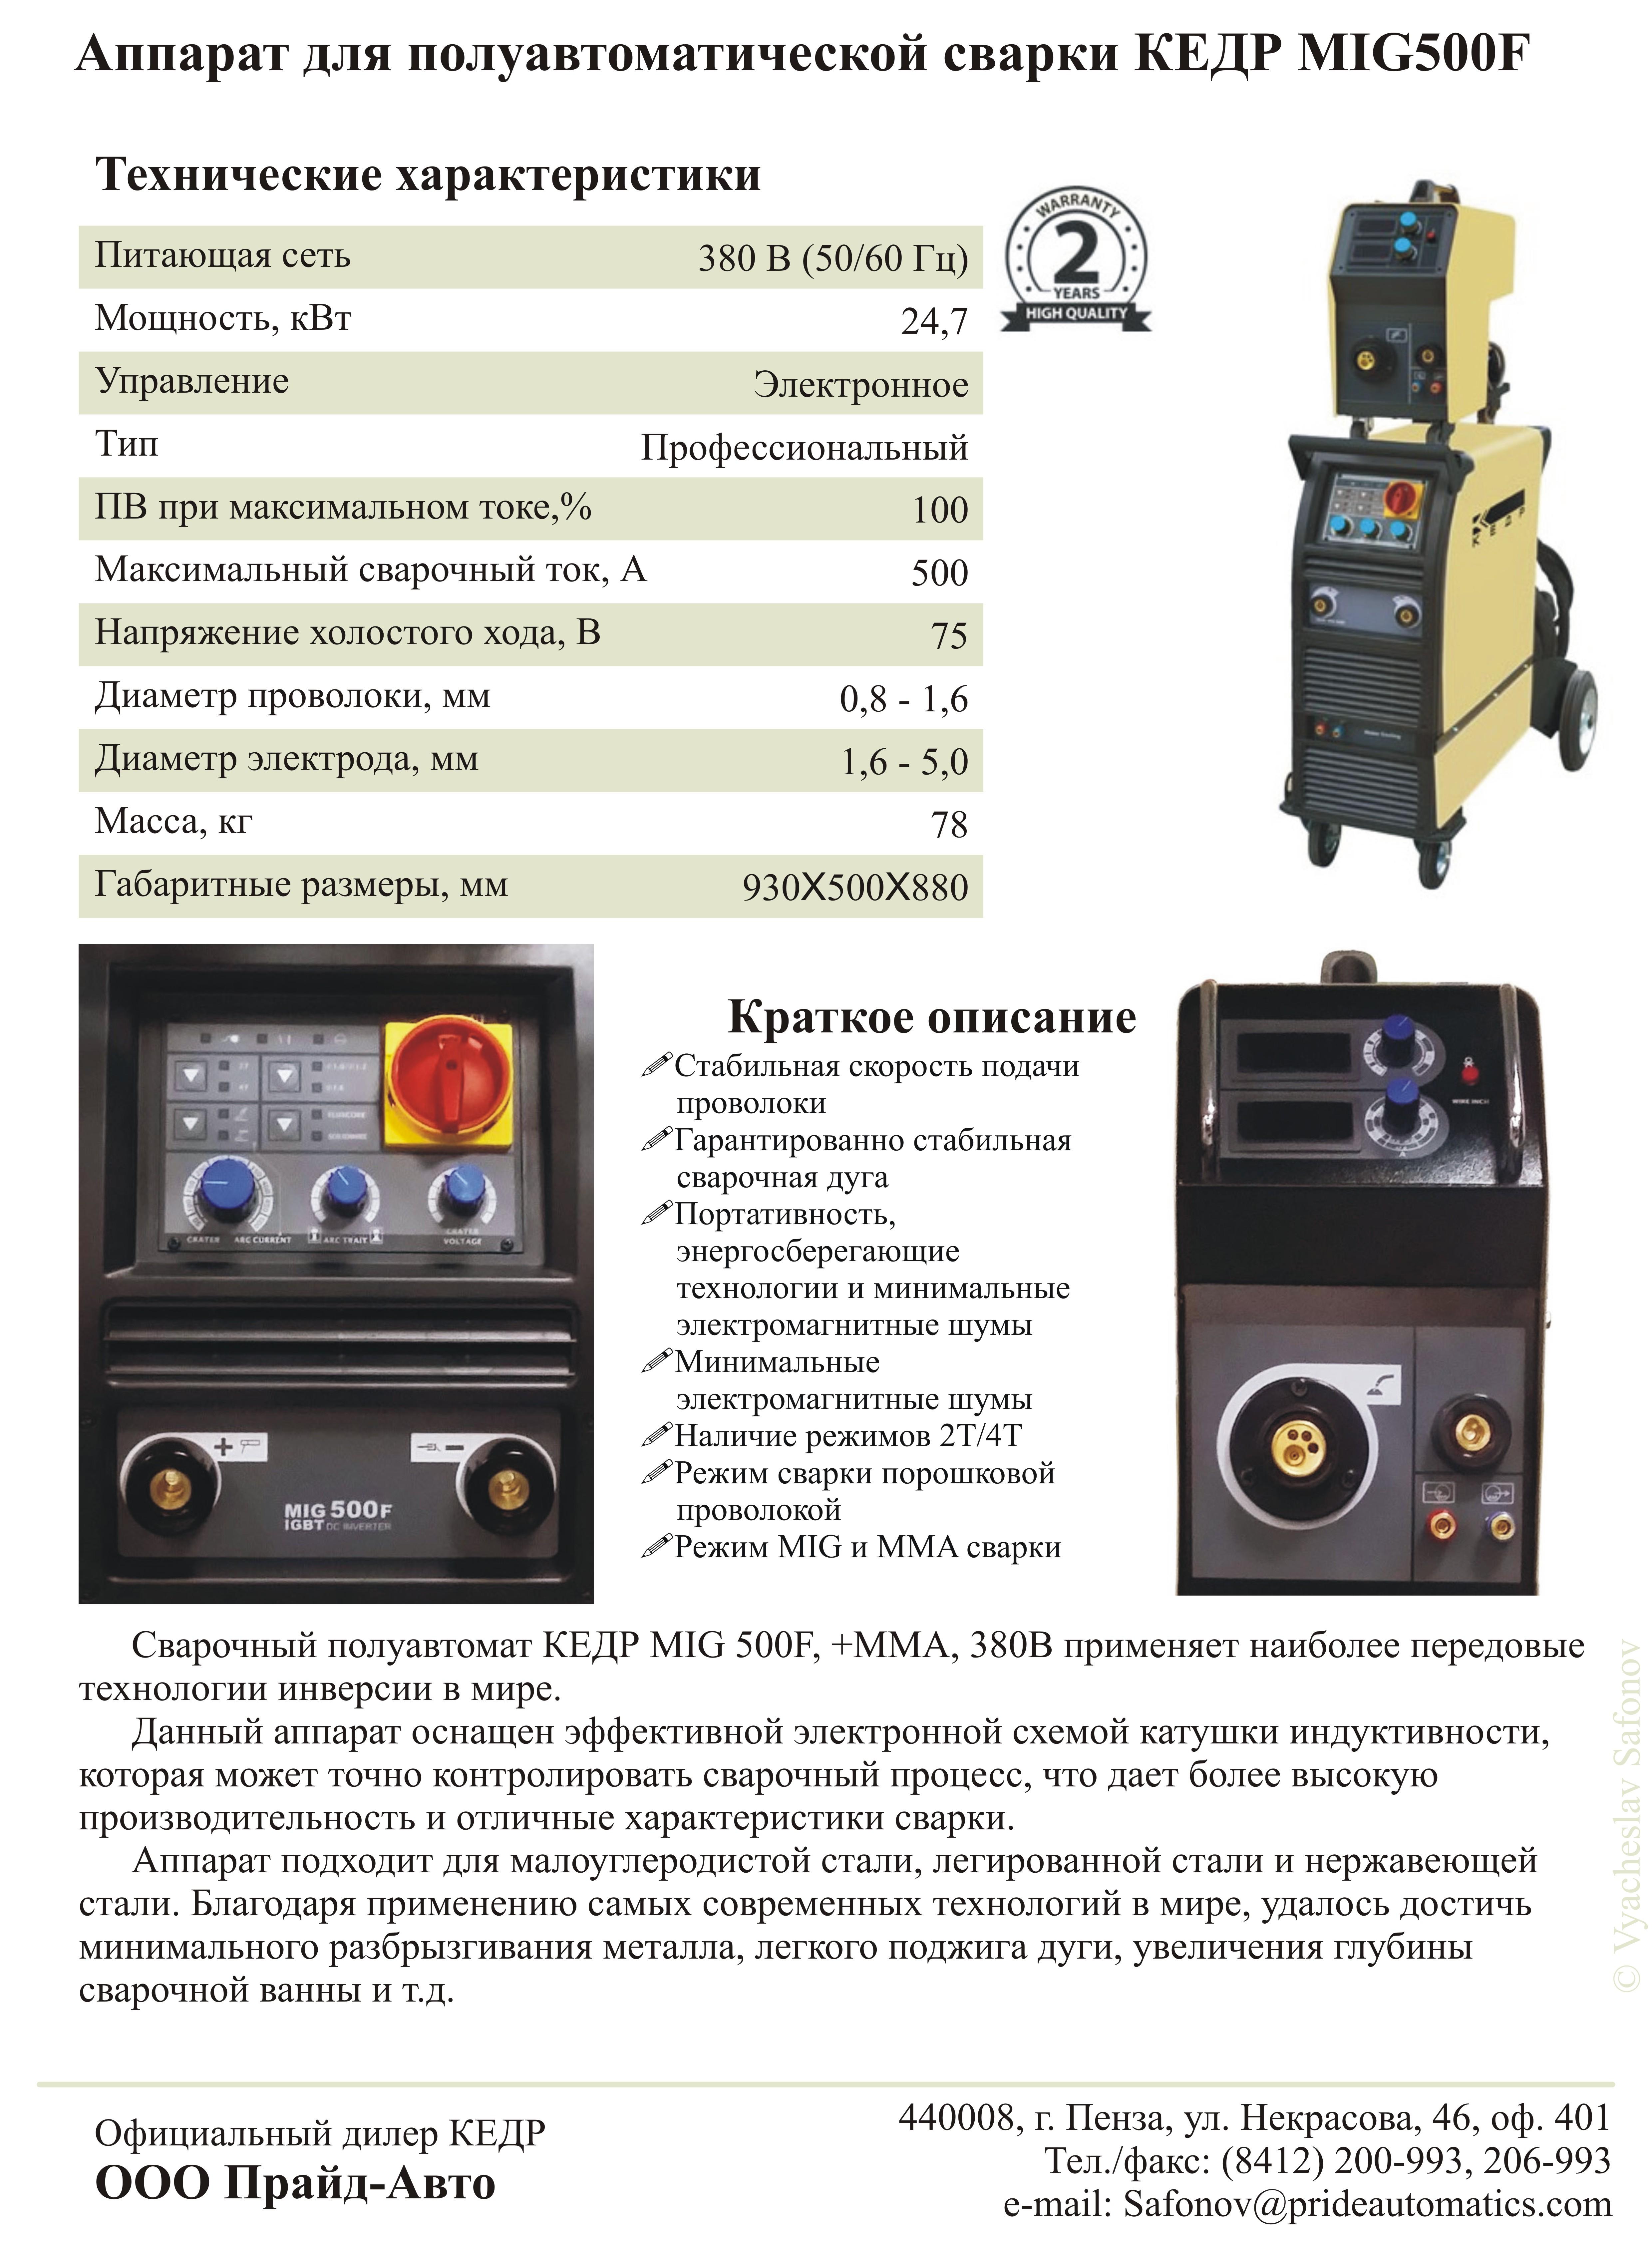 Сварочный аппарат кедр схема